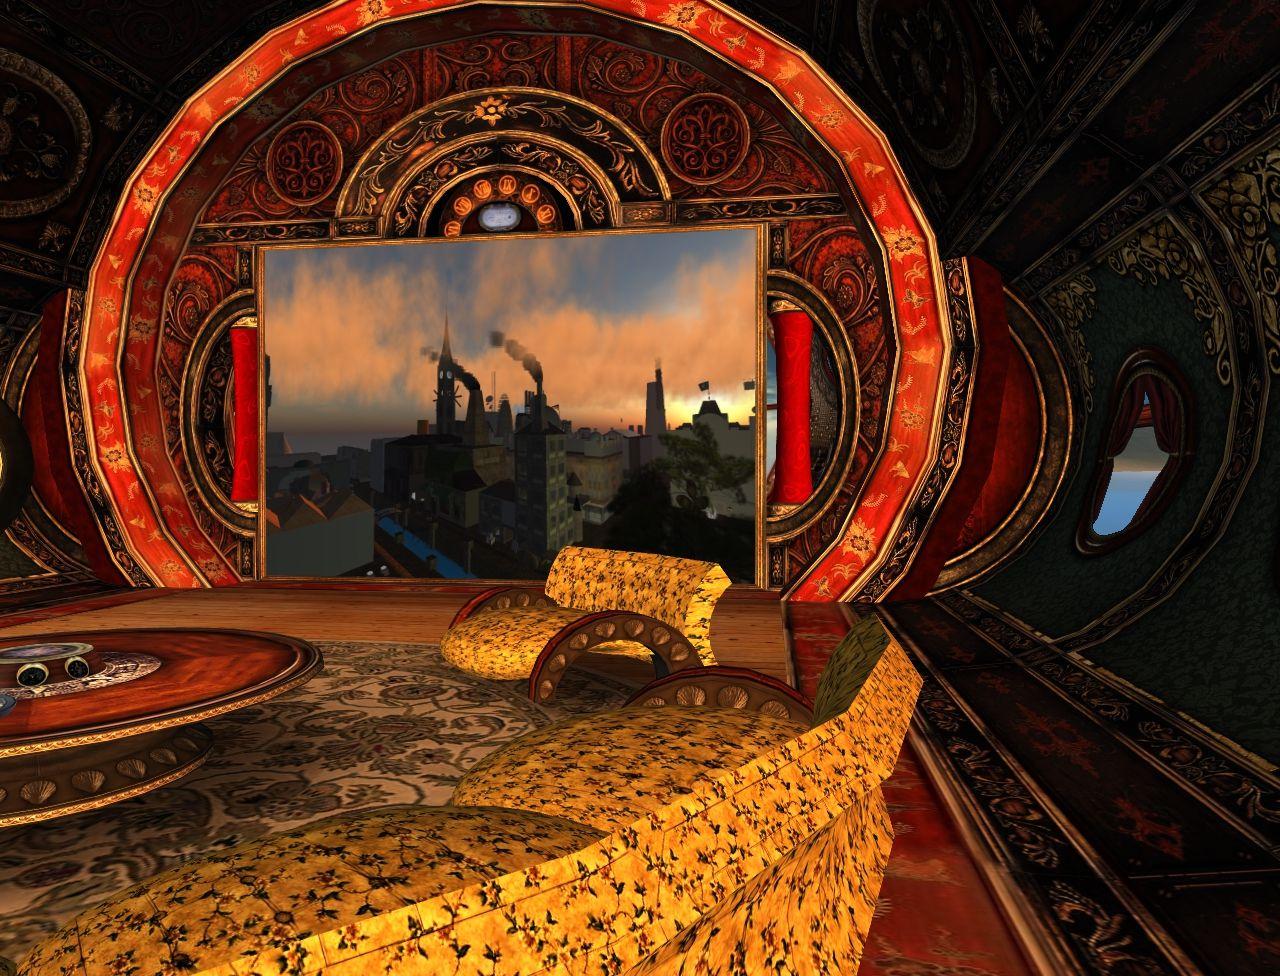 steampunk interior submarine interior of flying submarine steampunk inneneinrichtung. Black Bedroom Furniture Sets. Home Design Ideas